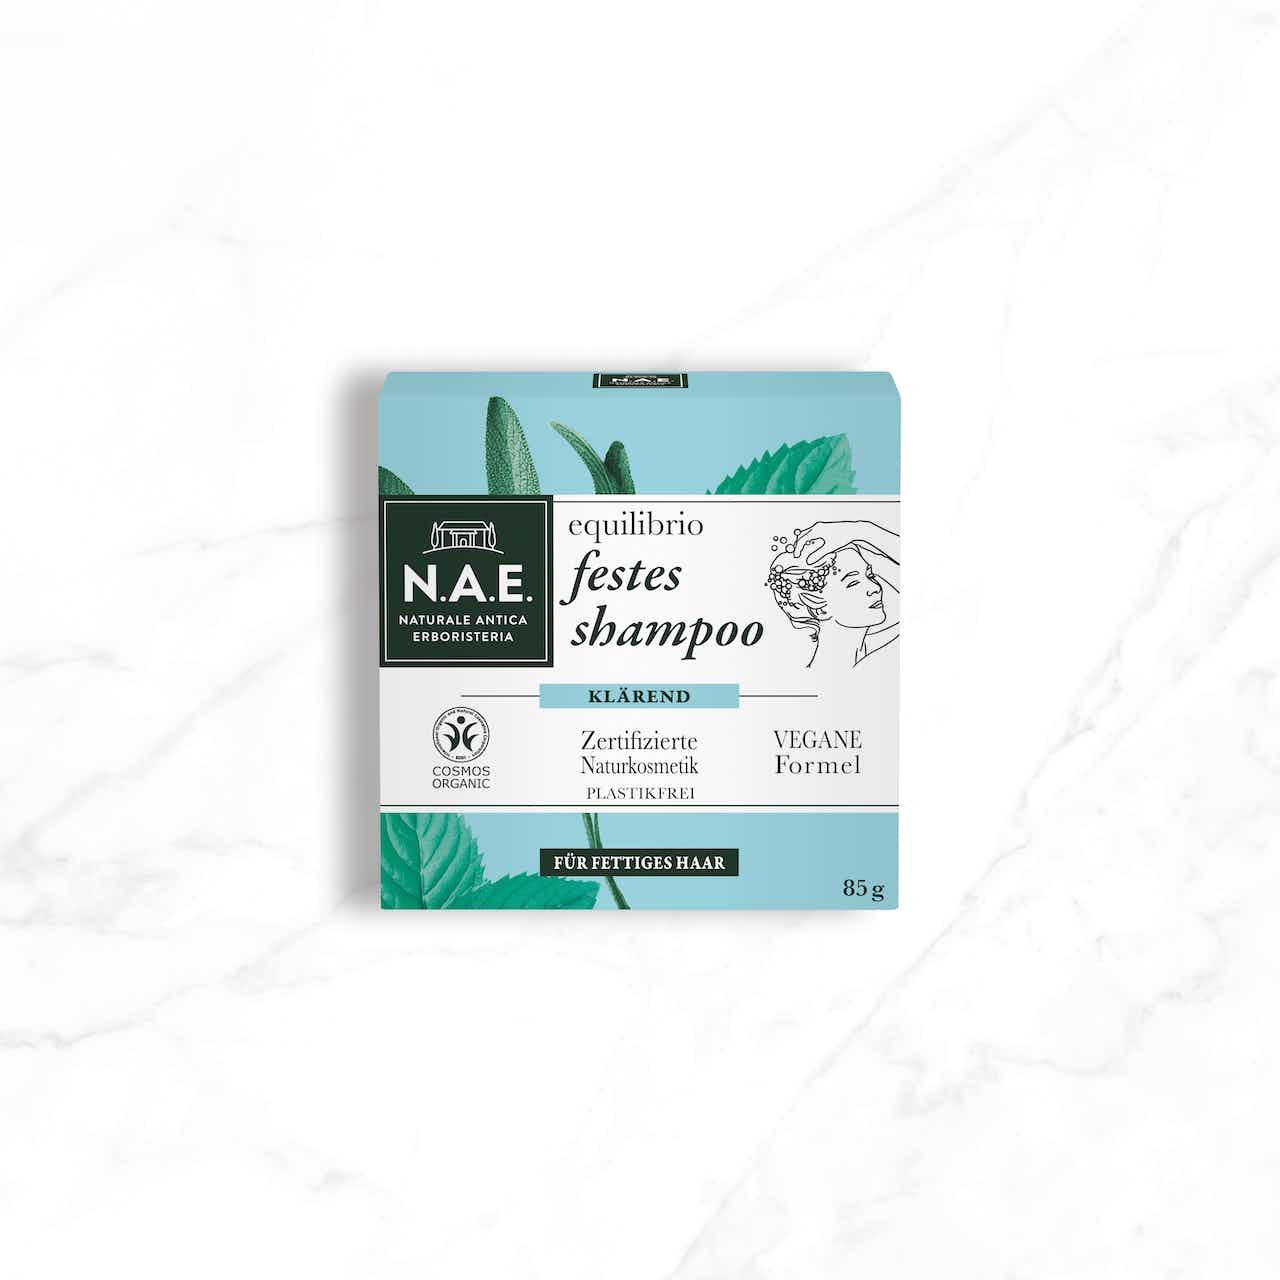 equilibrio klärendes festes shampoo 85g